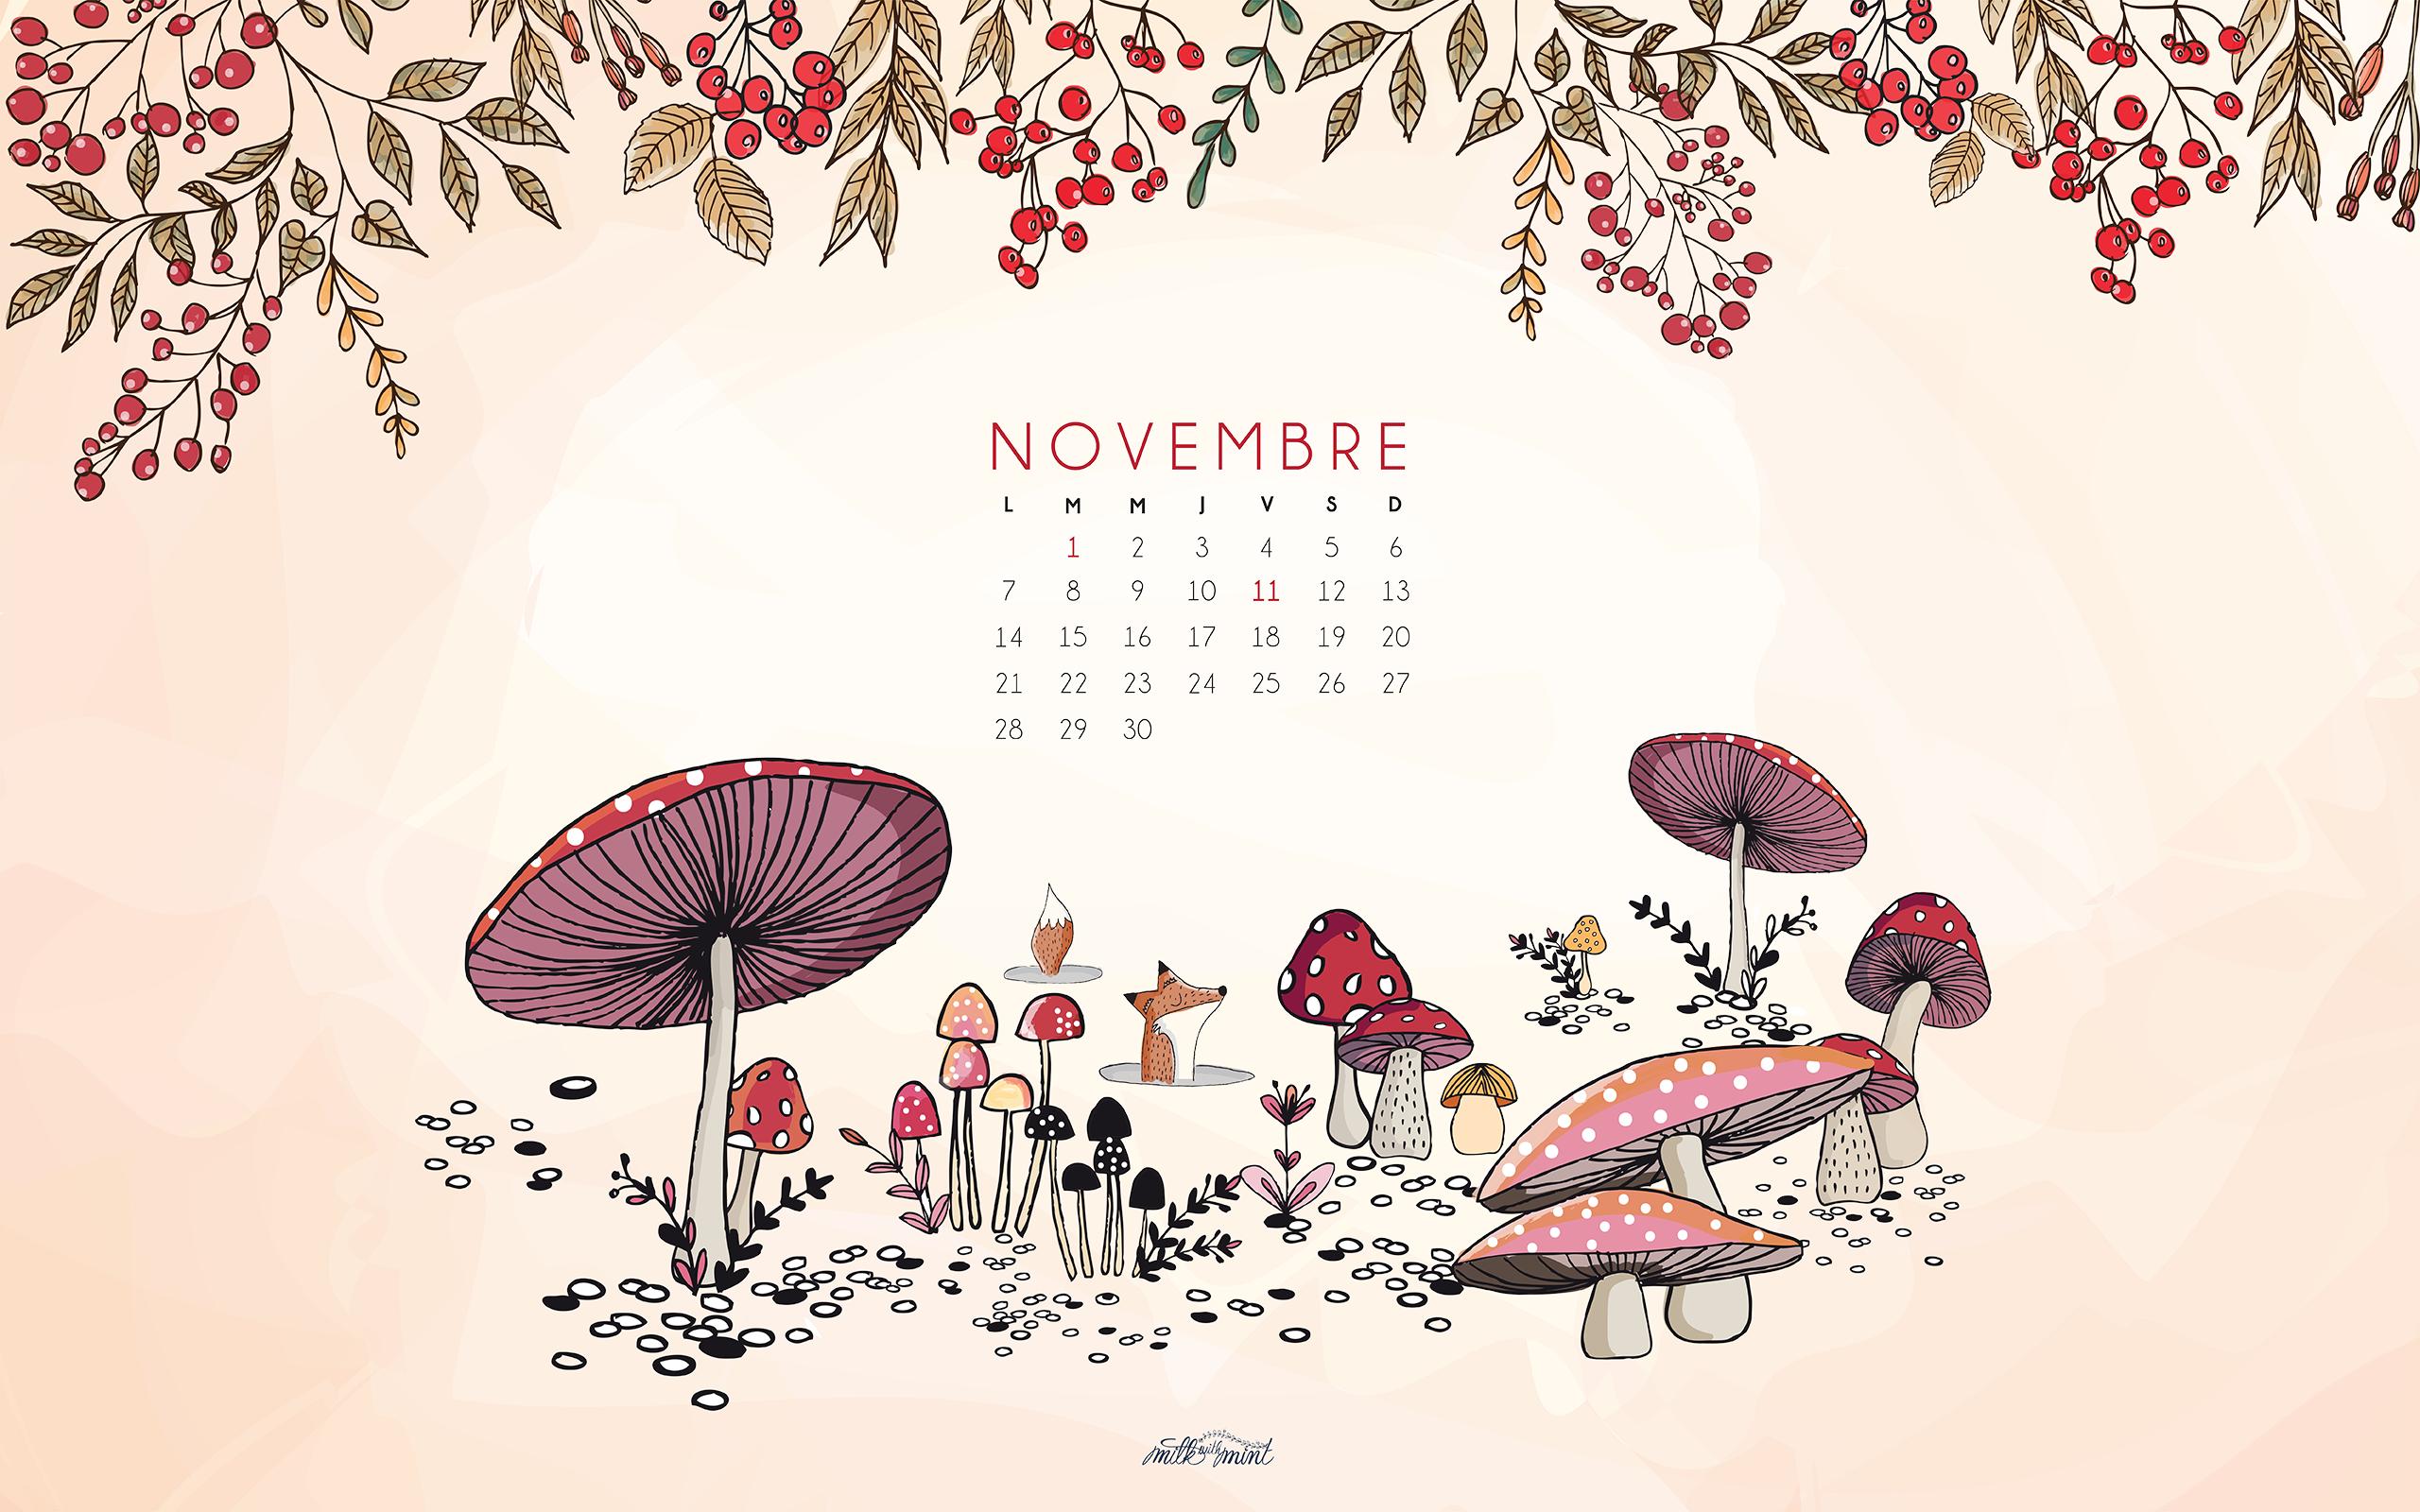 Calendrier de novembre milk with mint for Fond ecran novembre